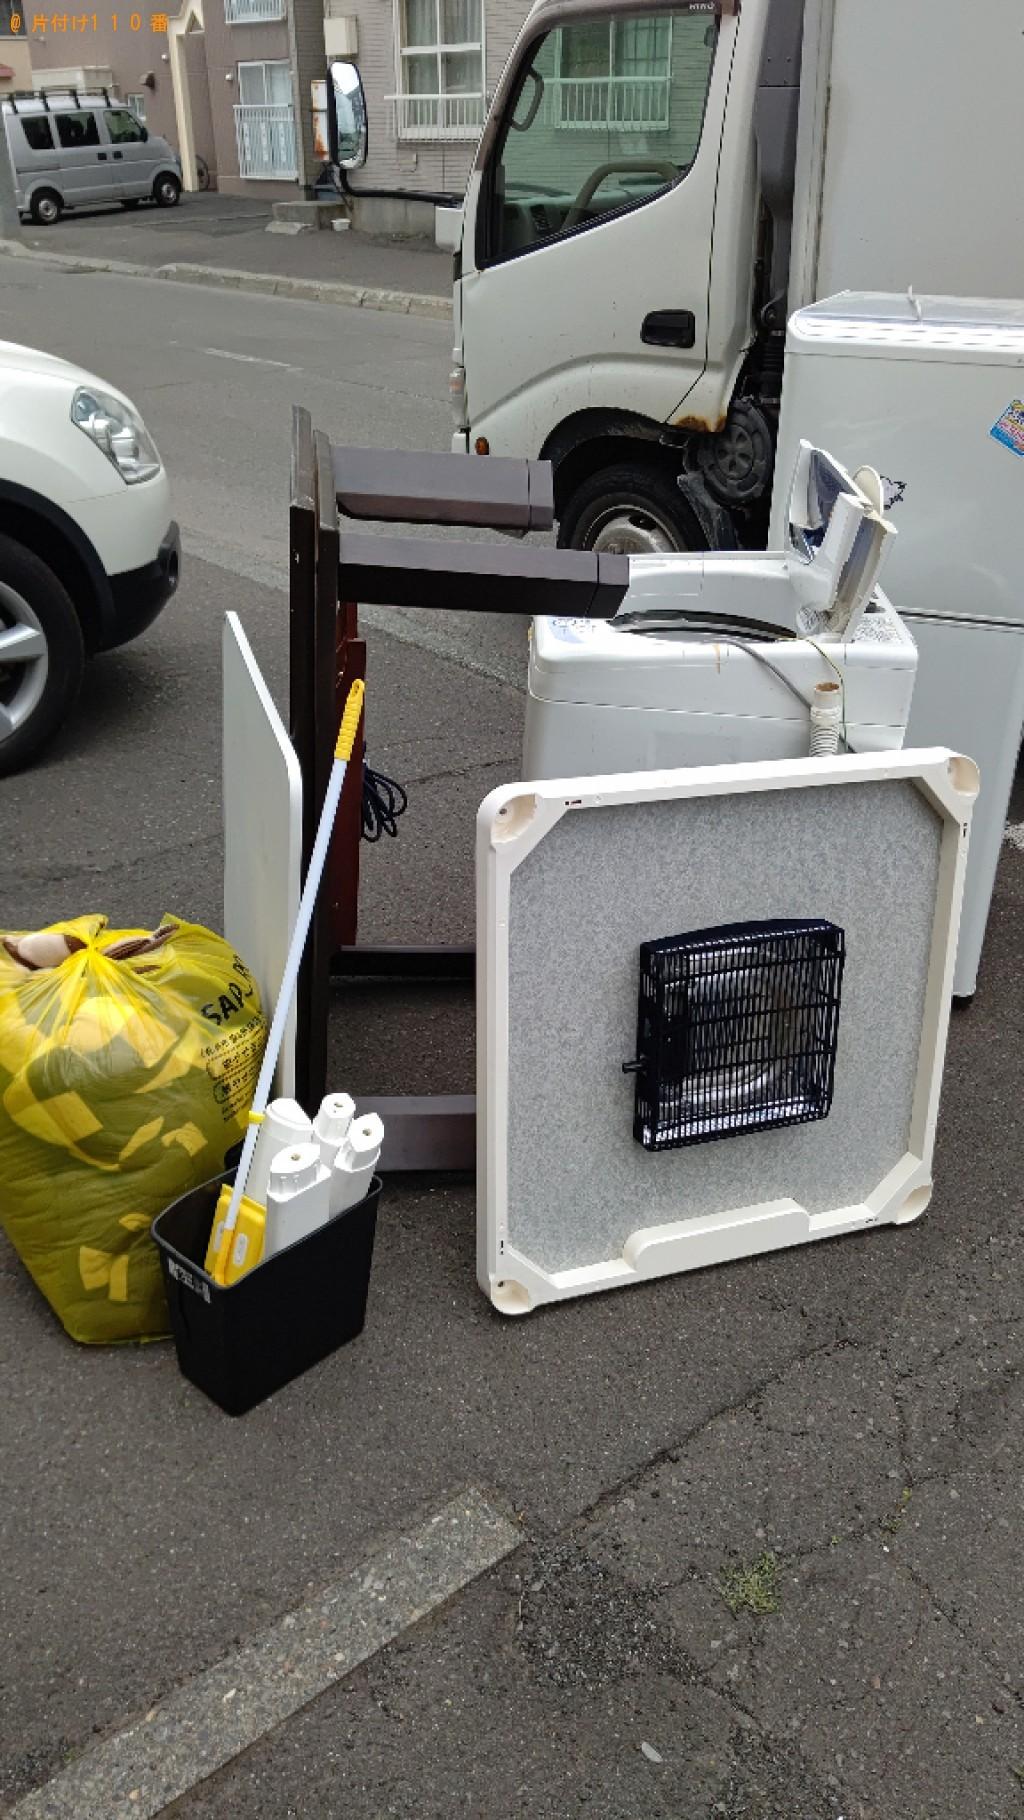 【青森市】冷蔵庫、洗濯機、こたつの回収・処分ご依頼 お客様の声